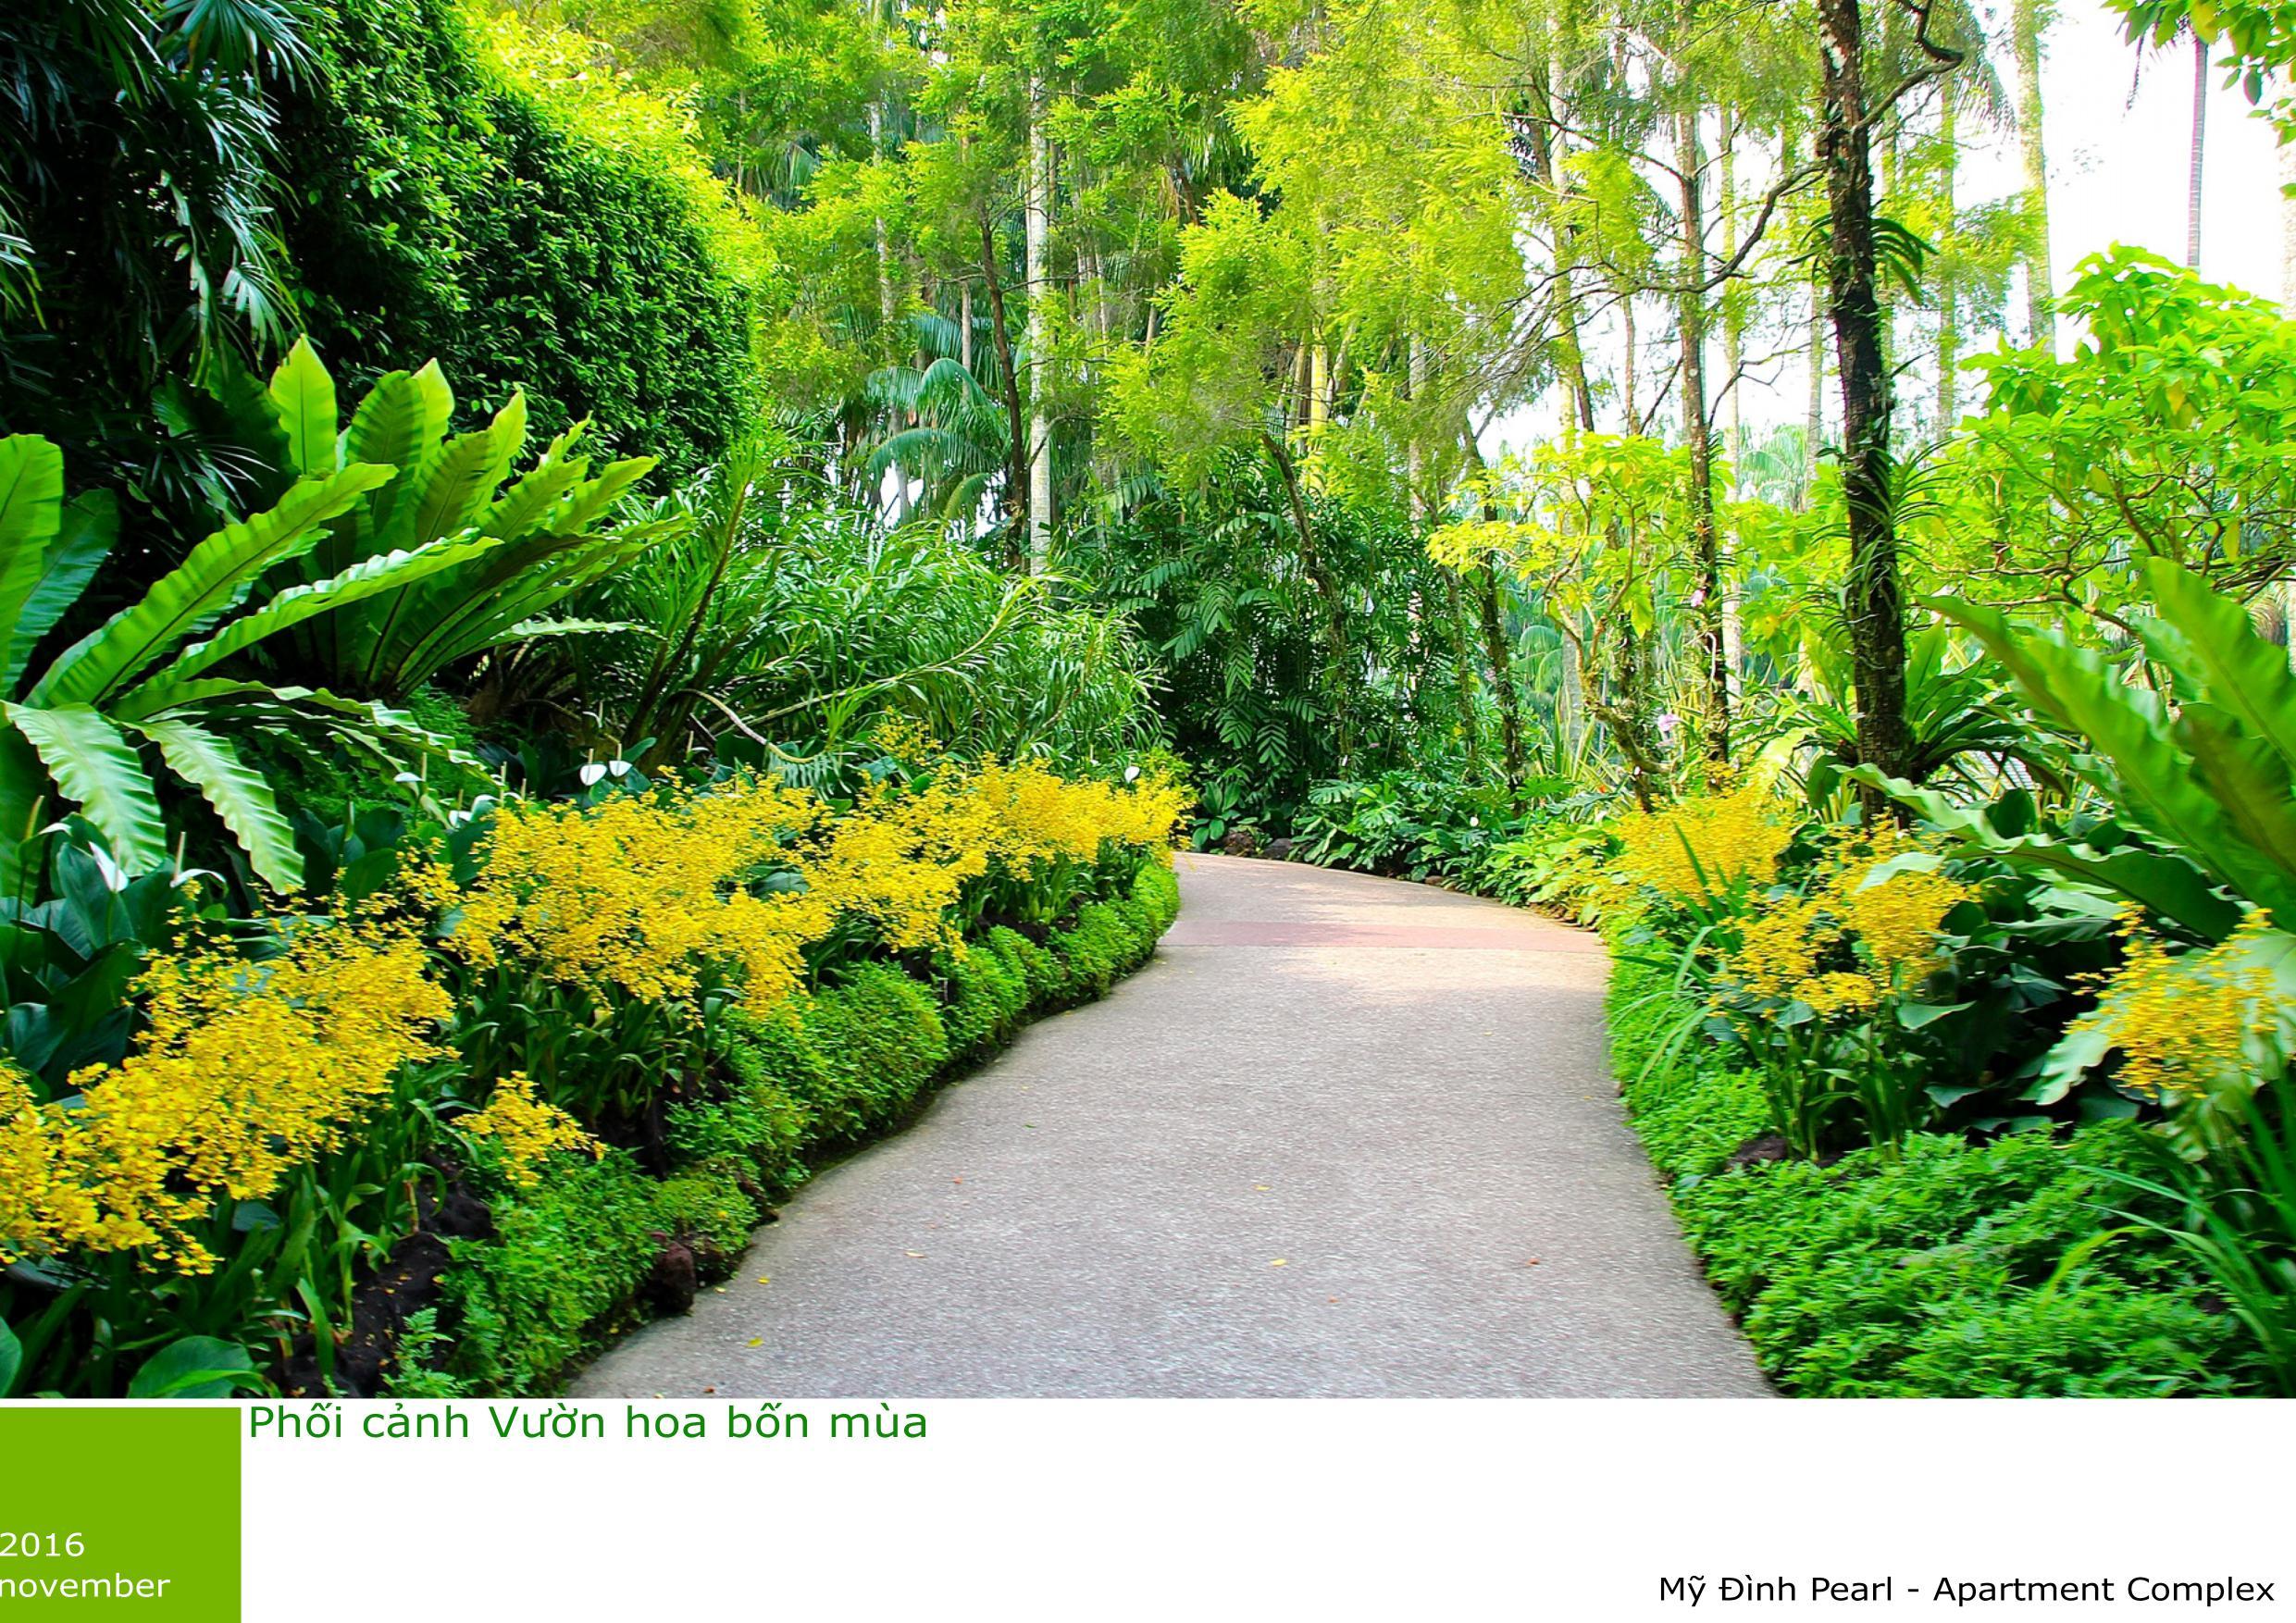 Vườn hoa bốn mùa